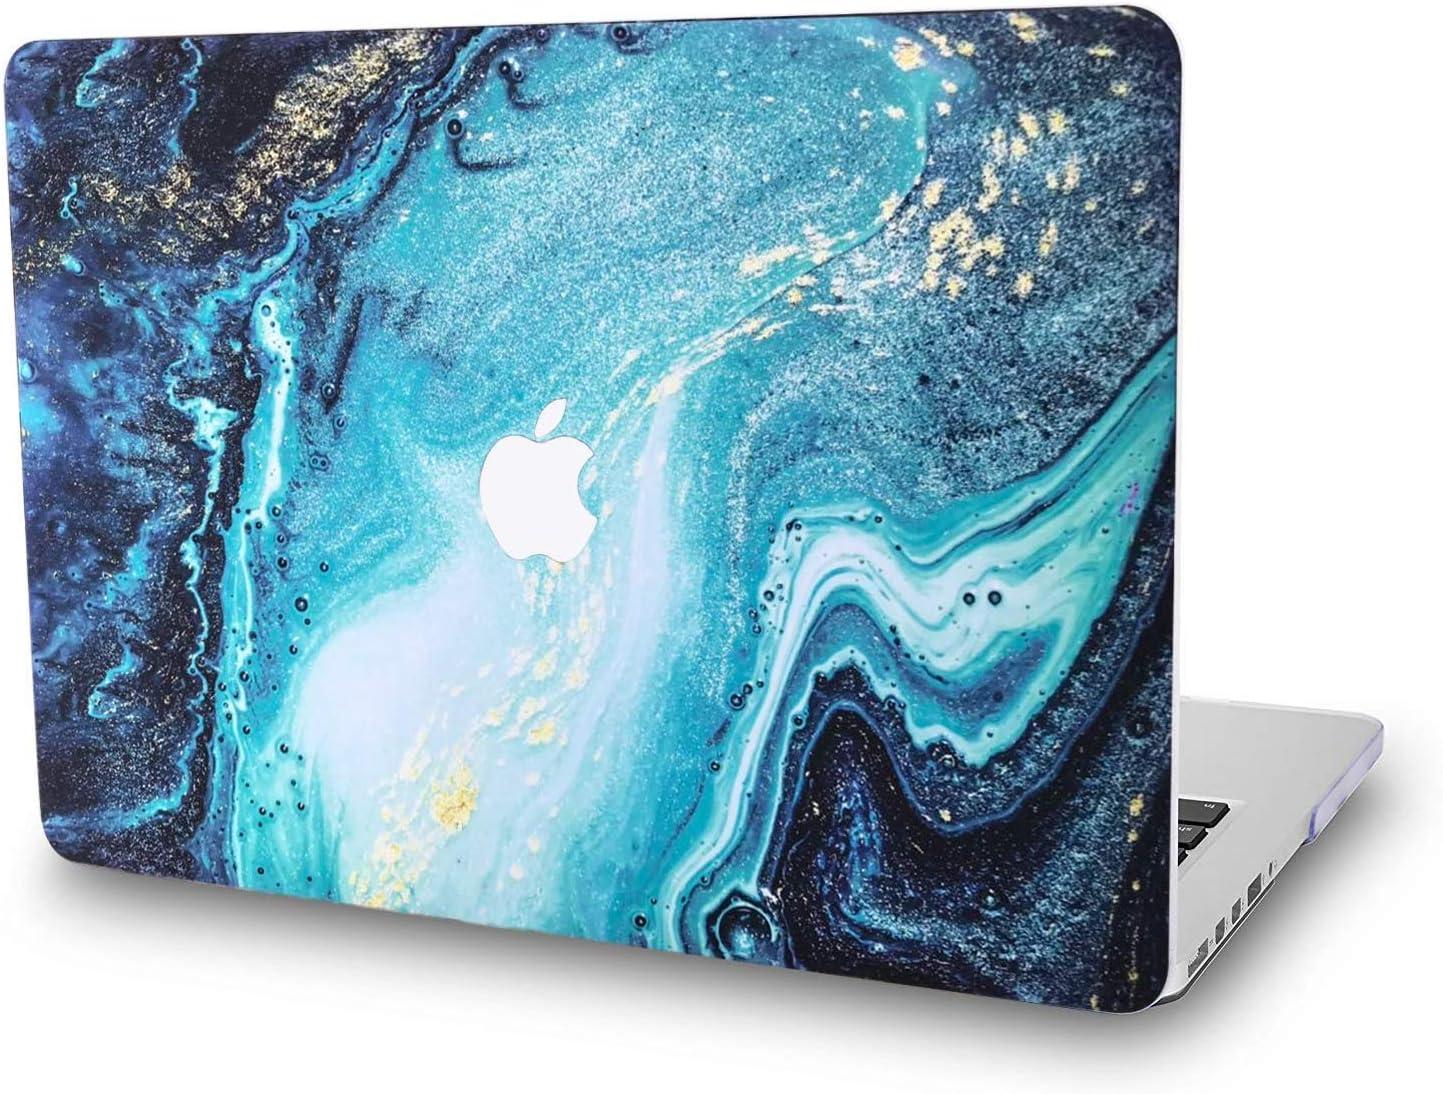 L2W Funda Dura para Apple MacBook Air 11,6 Pulgadas Modelo A1465//A1370 Port/átiles Accesorios Pl/ástico Imprimir R/ígida Dise/ño Creativo Cover Protecci/ón Carcasa,Blanco